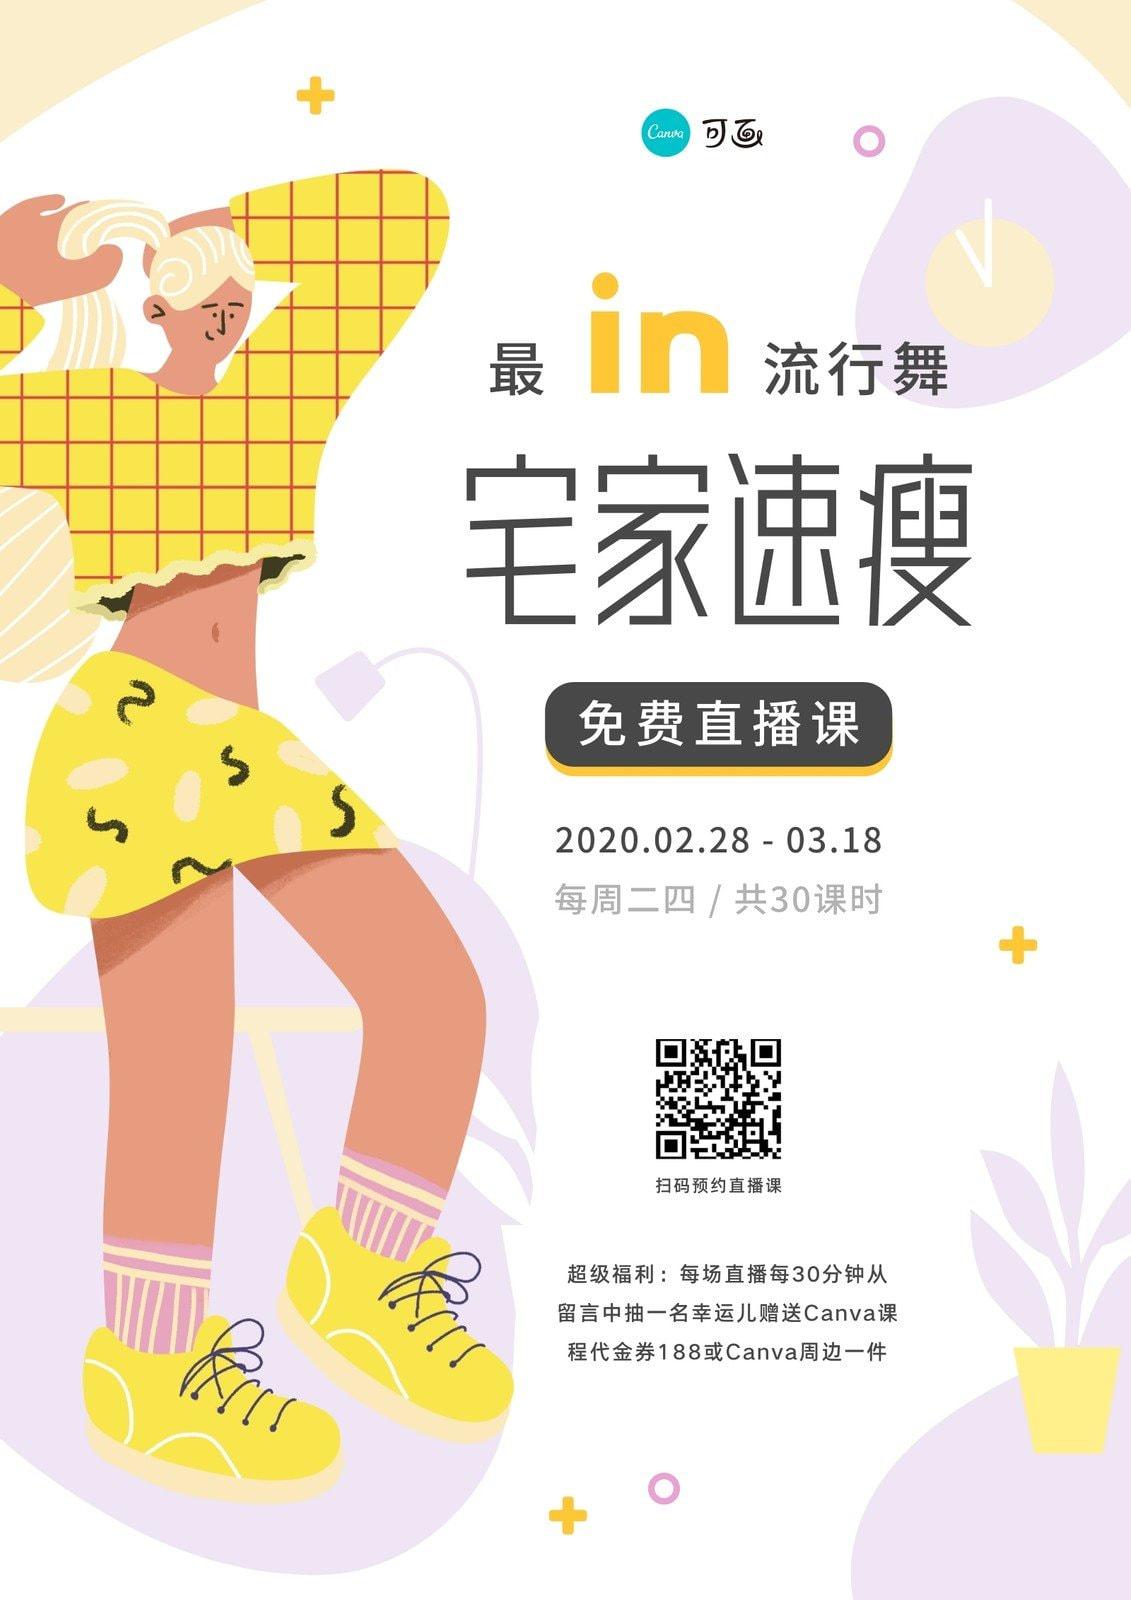 黄紫色运动健身女孩舞蹈直播课矢量热点舞蹈分享中文海报